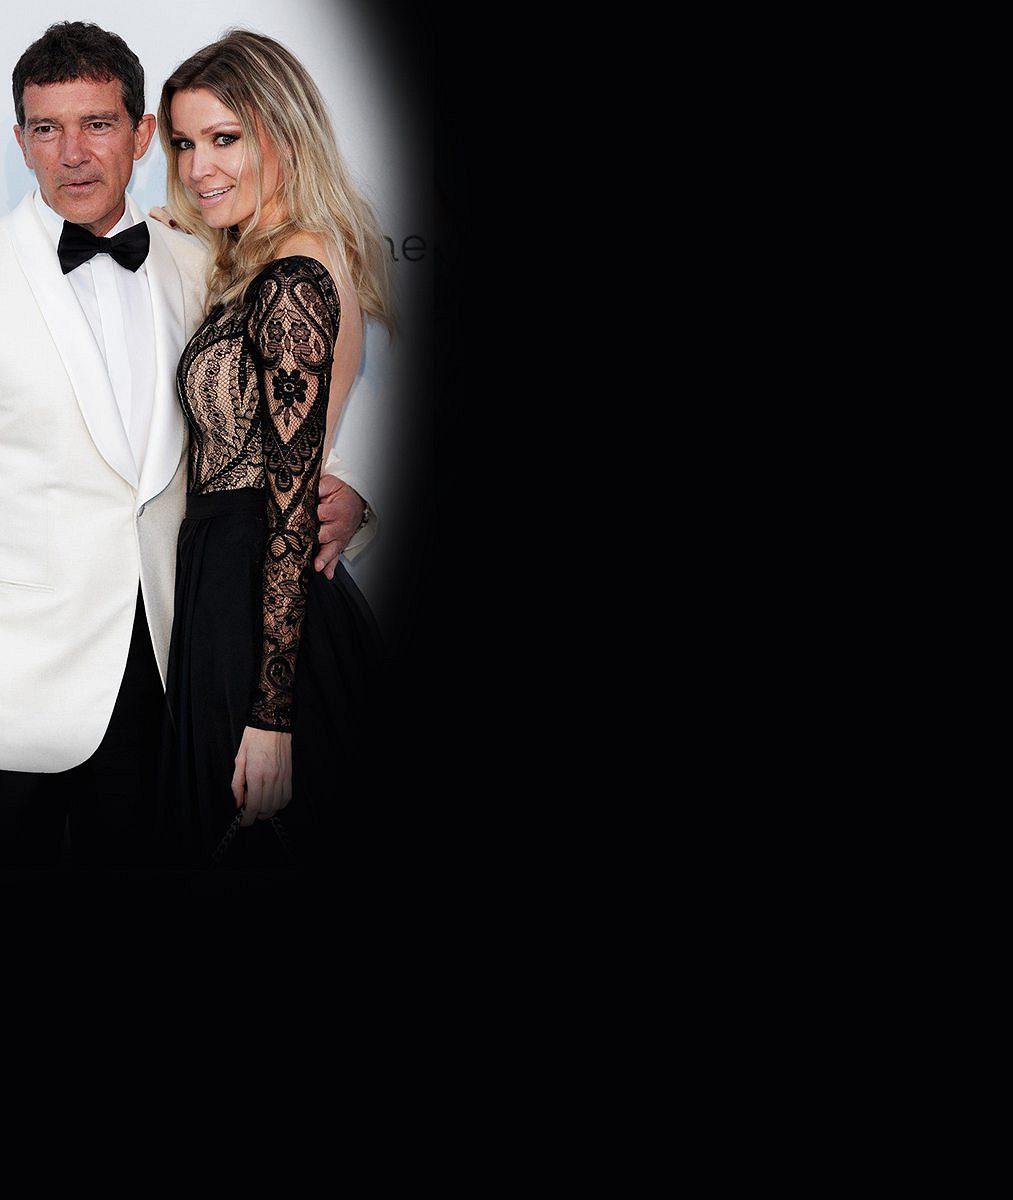 Antonio Banderas vCannes ukázal, jak vypadá pravá láska: Takhle líbal svou o20let mladší partnerku